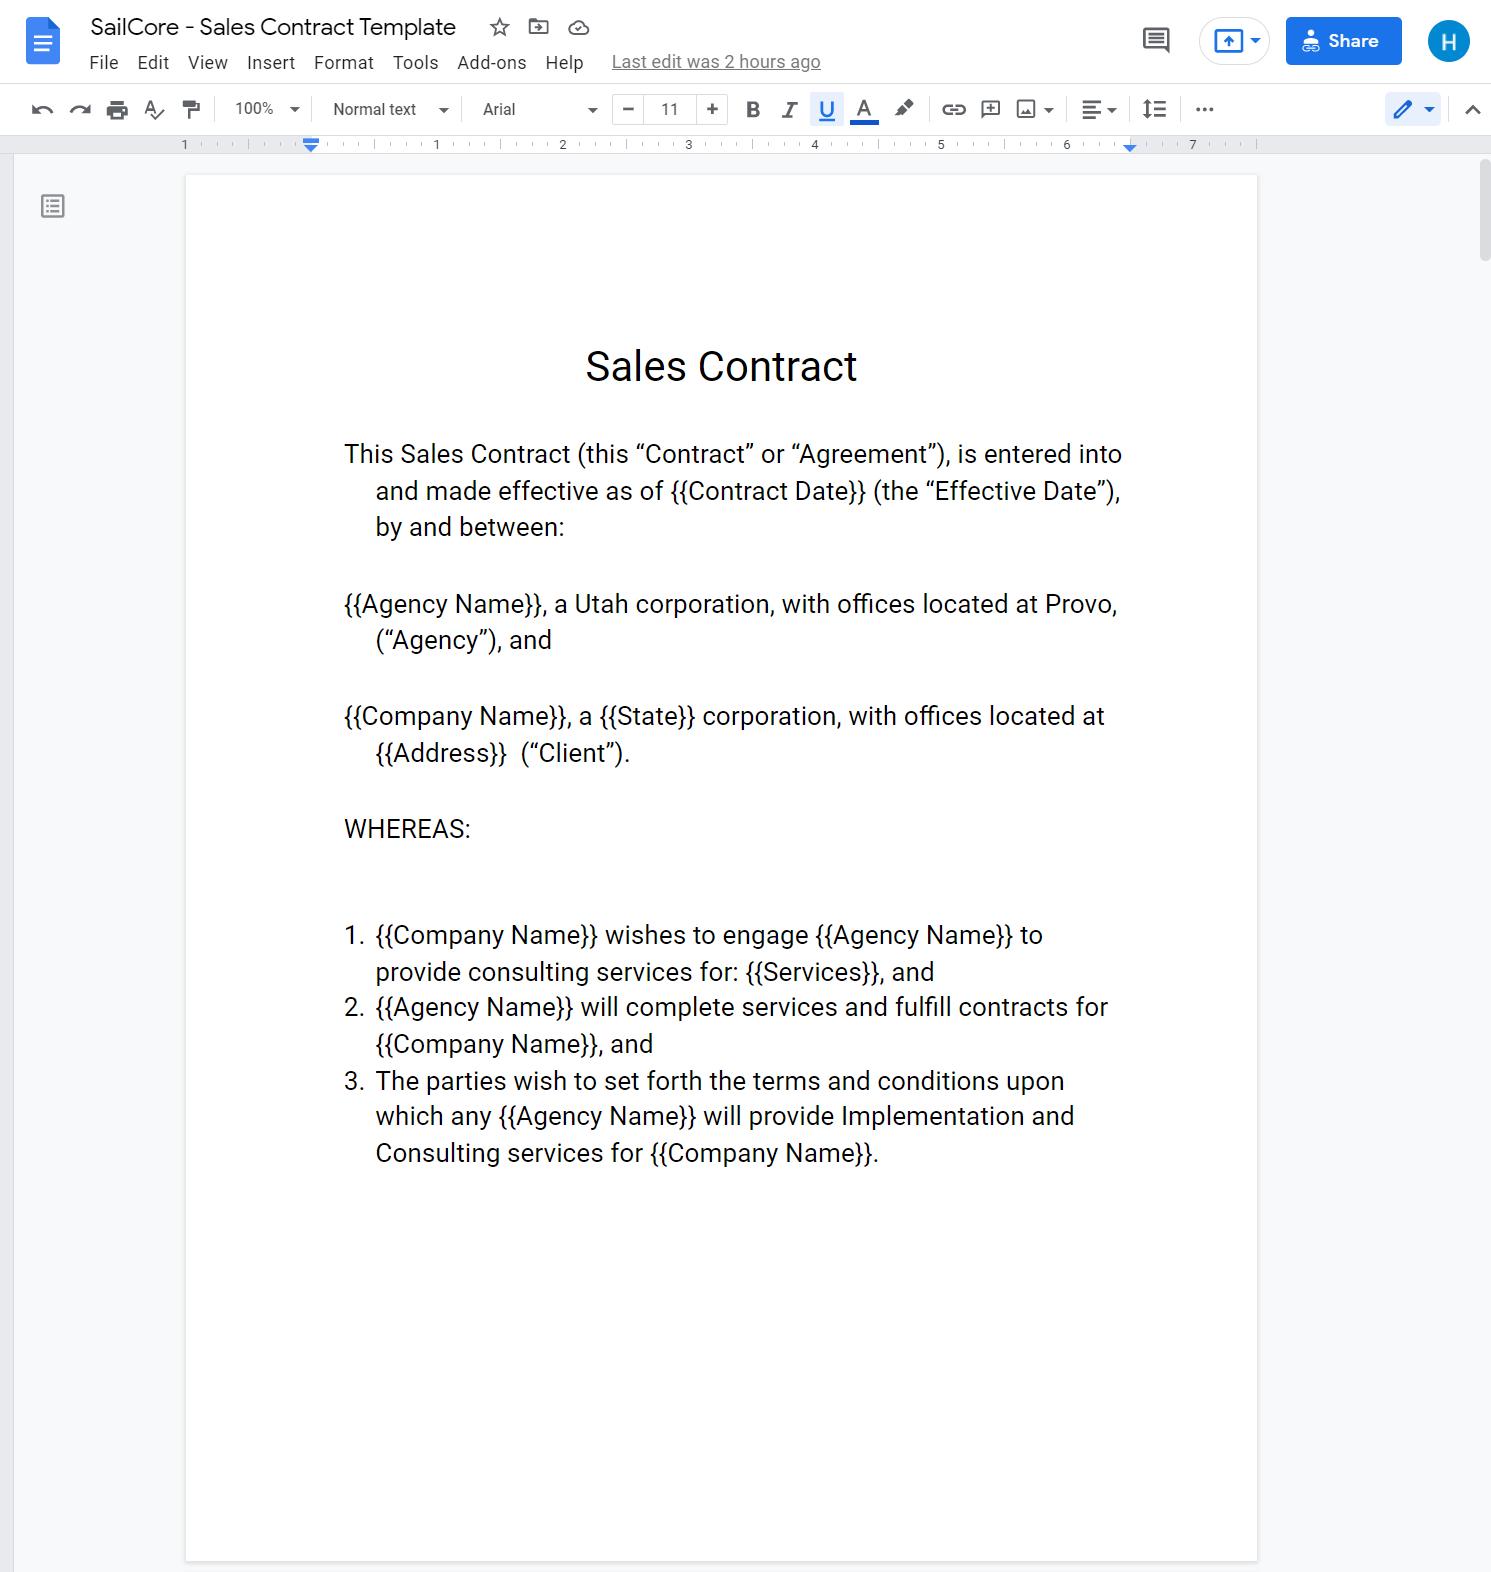 salescontract_template_googledocimage